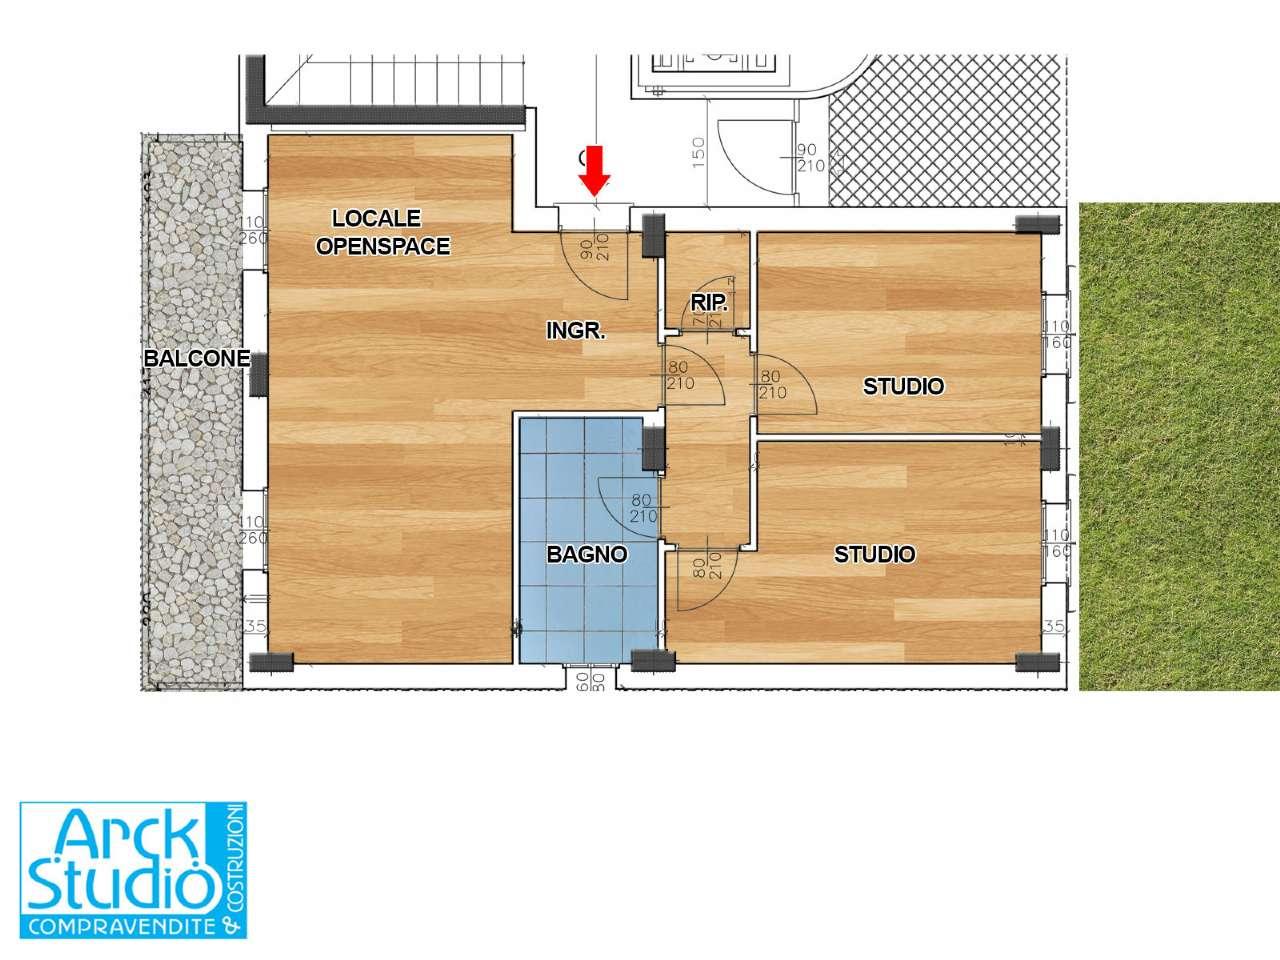 Ufficio / Studio in vendita a Inzago, 3 locali, prezzo € 204.000 | CambioCasa.it